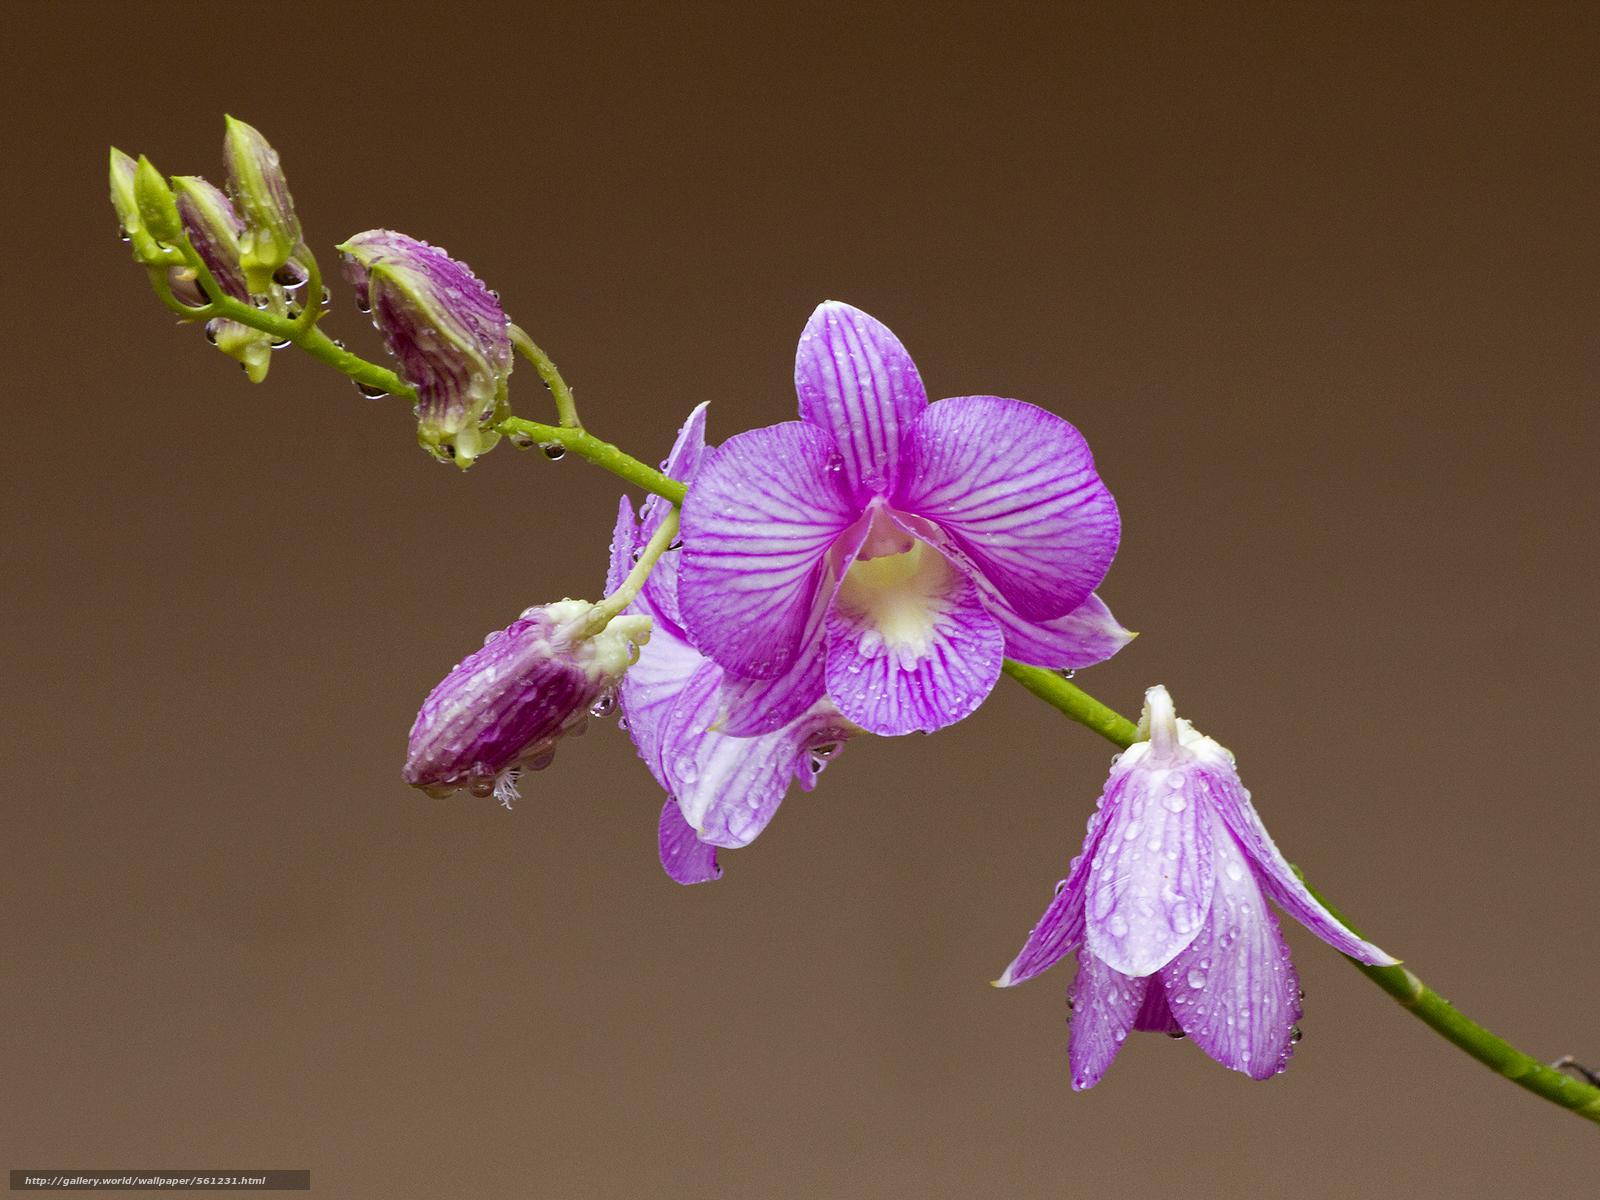 Скачать обои орхидея,  цветок,  флора бесплатно для рабочего стола в разрешении 2048x1536 — картинка №561231